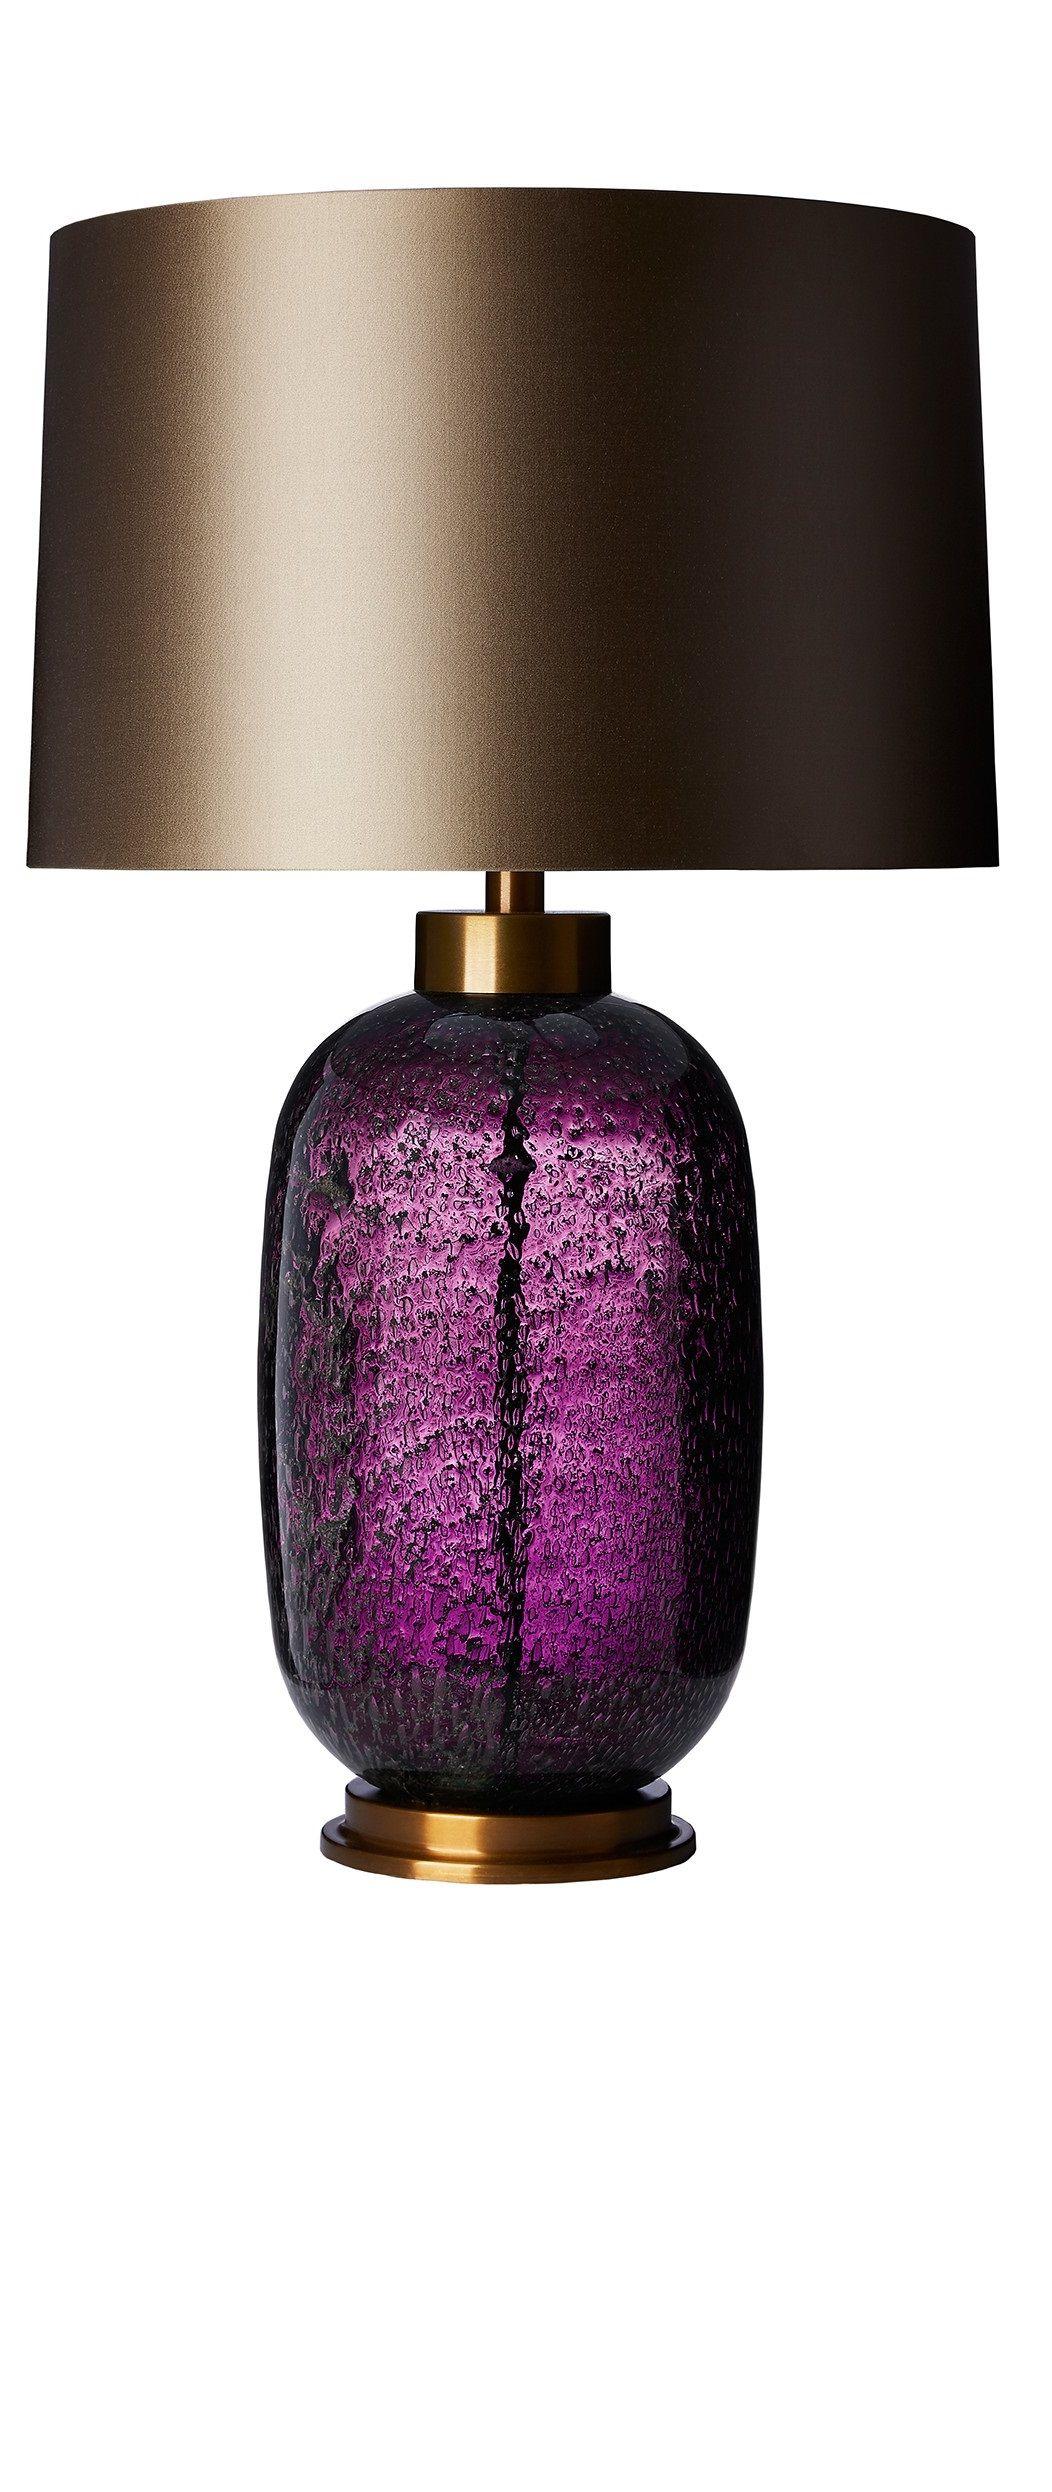 Purple Lamp Purple Lamps Lamps Purple Lamp Purple Lamp Lamps Modern Lighting Bedroom Ligh Purple Lamp Purple Living Room Living Room Decor Purple